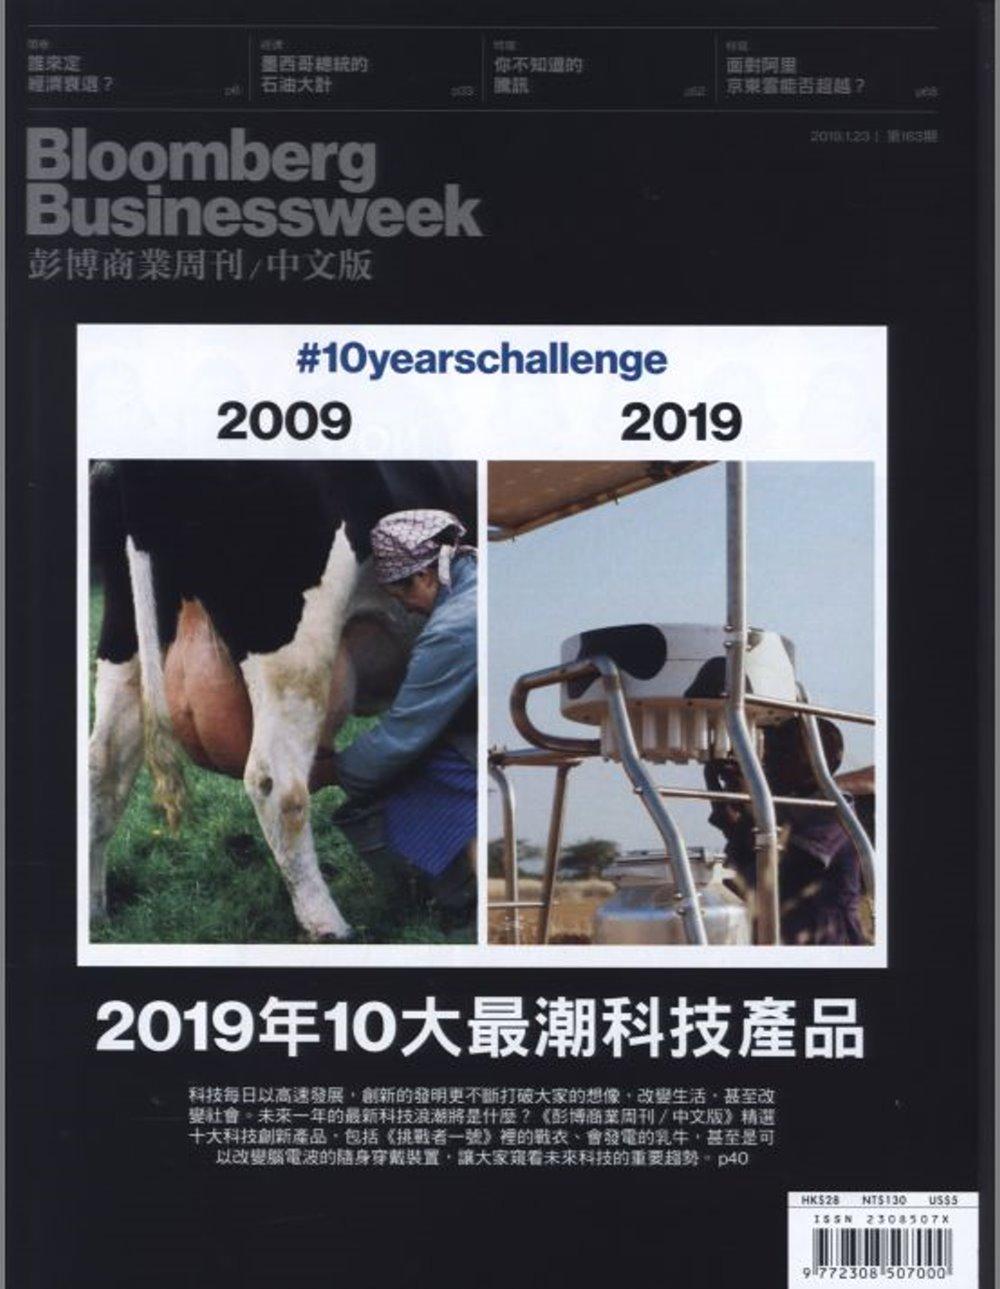 彭博商業周刊/中文版 第163期